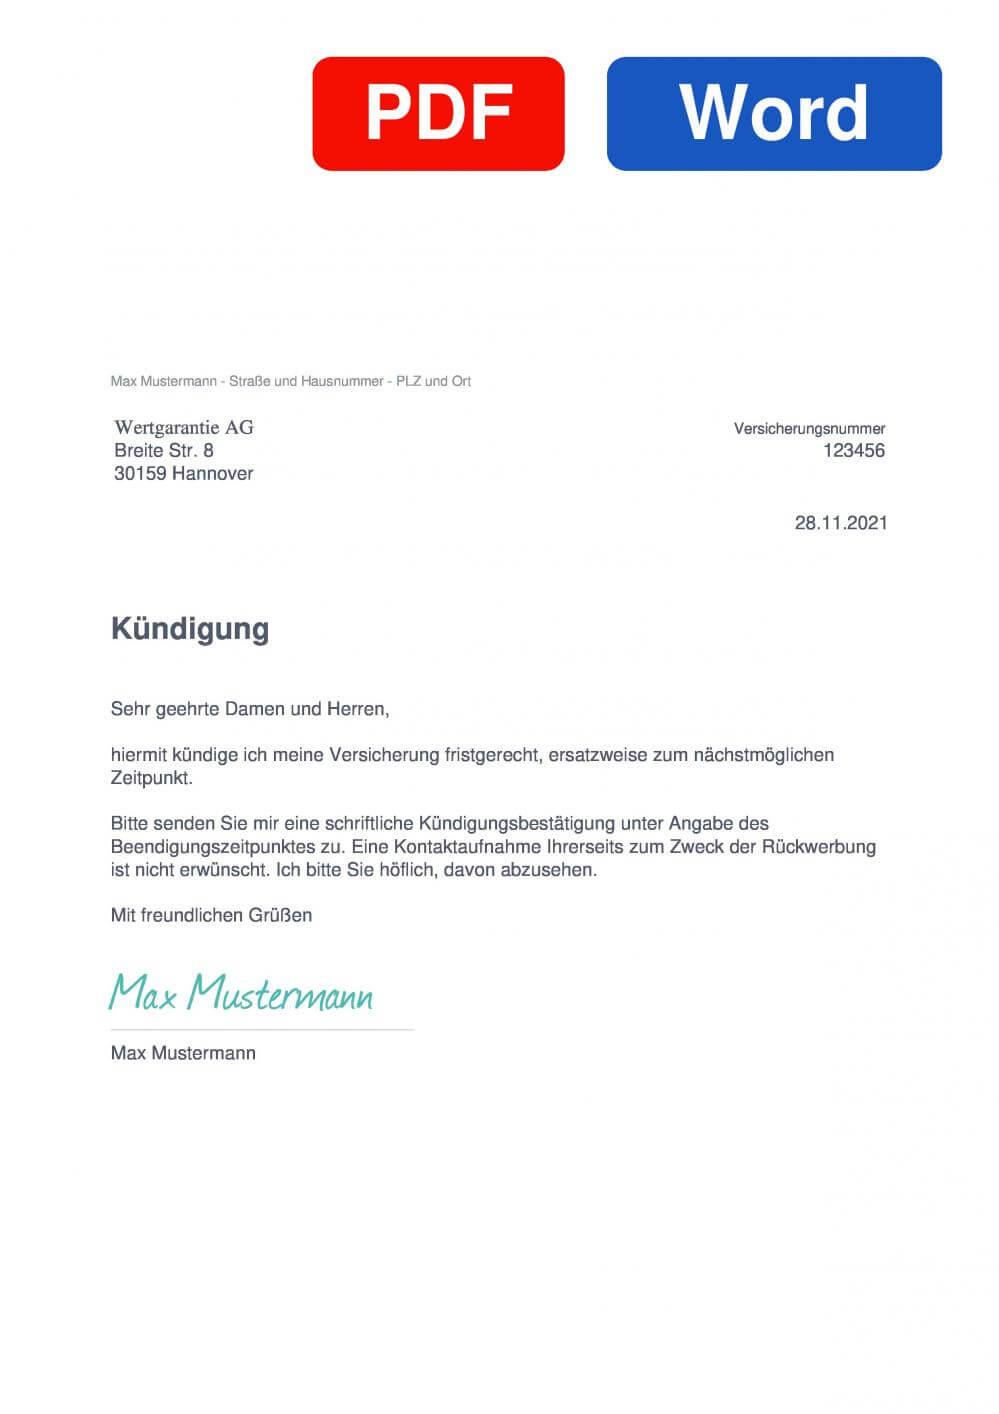 onlineversicherung.de Muster Vorlage für Kündigungsschreiben